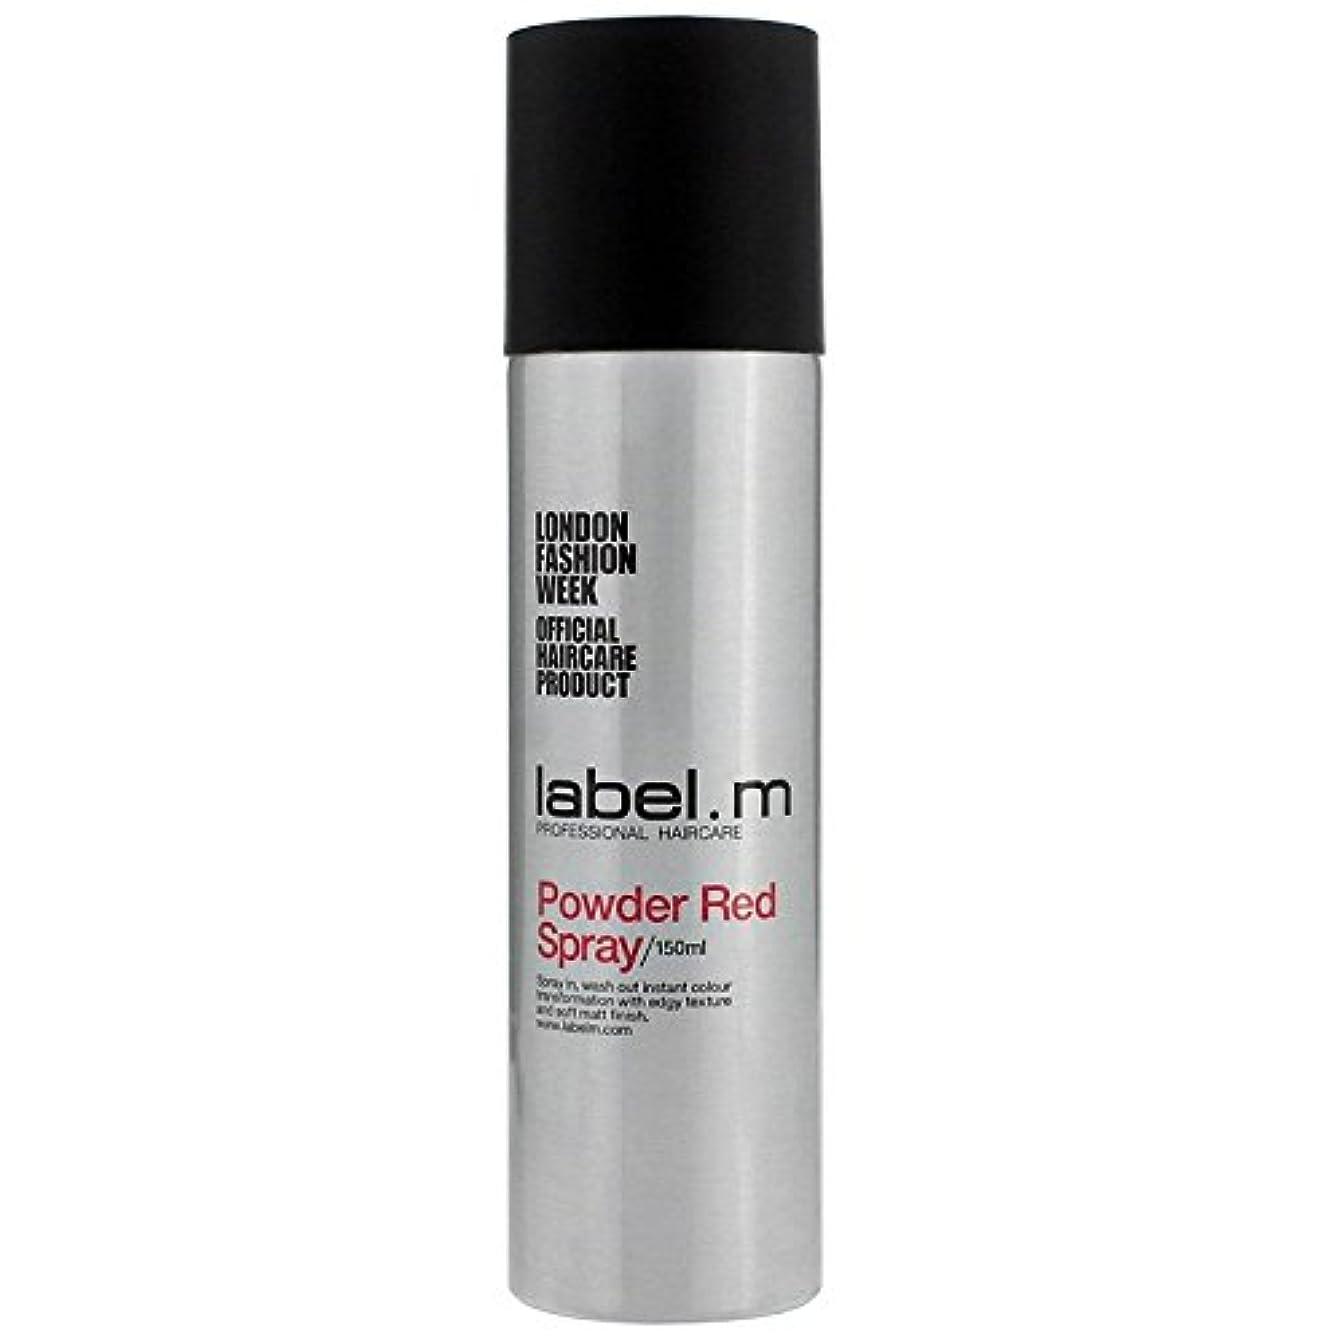 Label.M Professional Haircare ラベルMパウダーレッドスプレー5オズ 5オンス